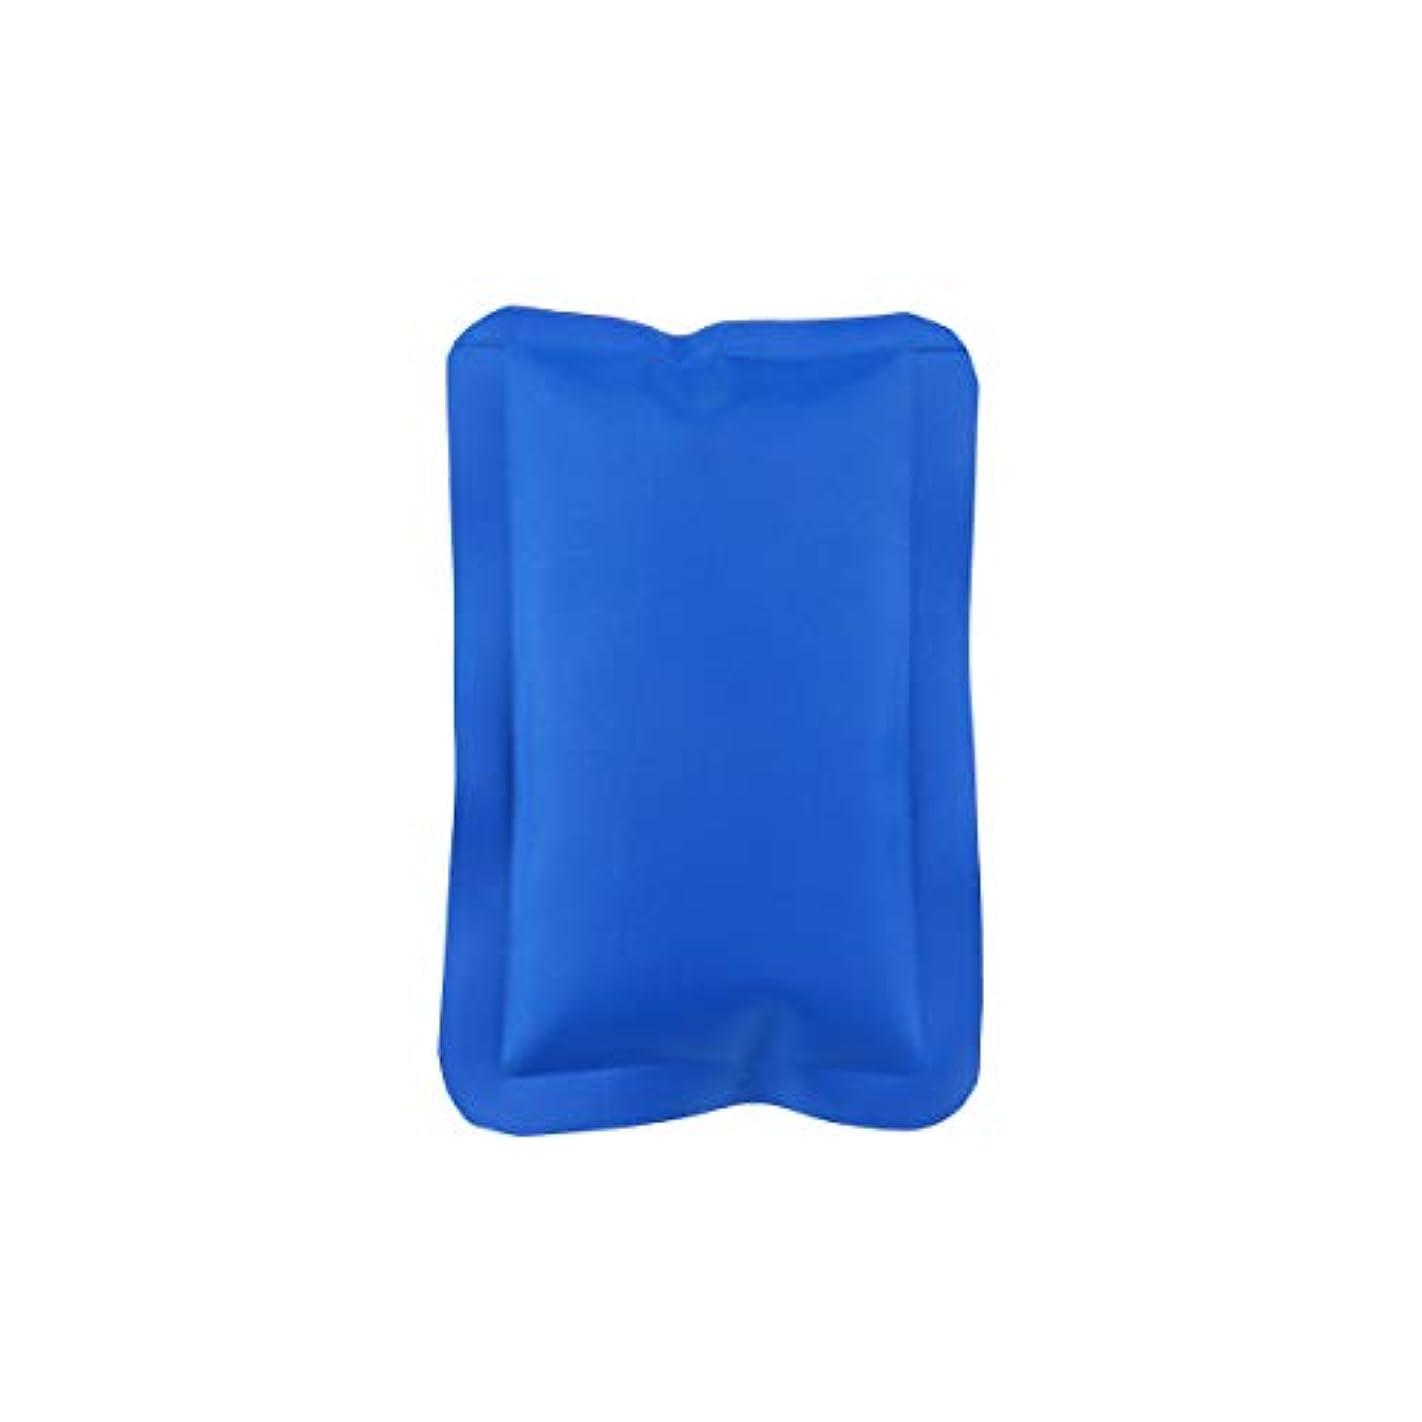 レタッチ吸う幻想HEALLILY 150ML再利用可能なホット&コールドジェルパック(コンプレッションラップスポーツ傷害)ジェルアイスパック多目的ヒートパック(マッスルリリーフ用、16x10x1cm、ブルー)